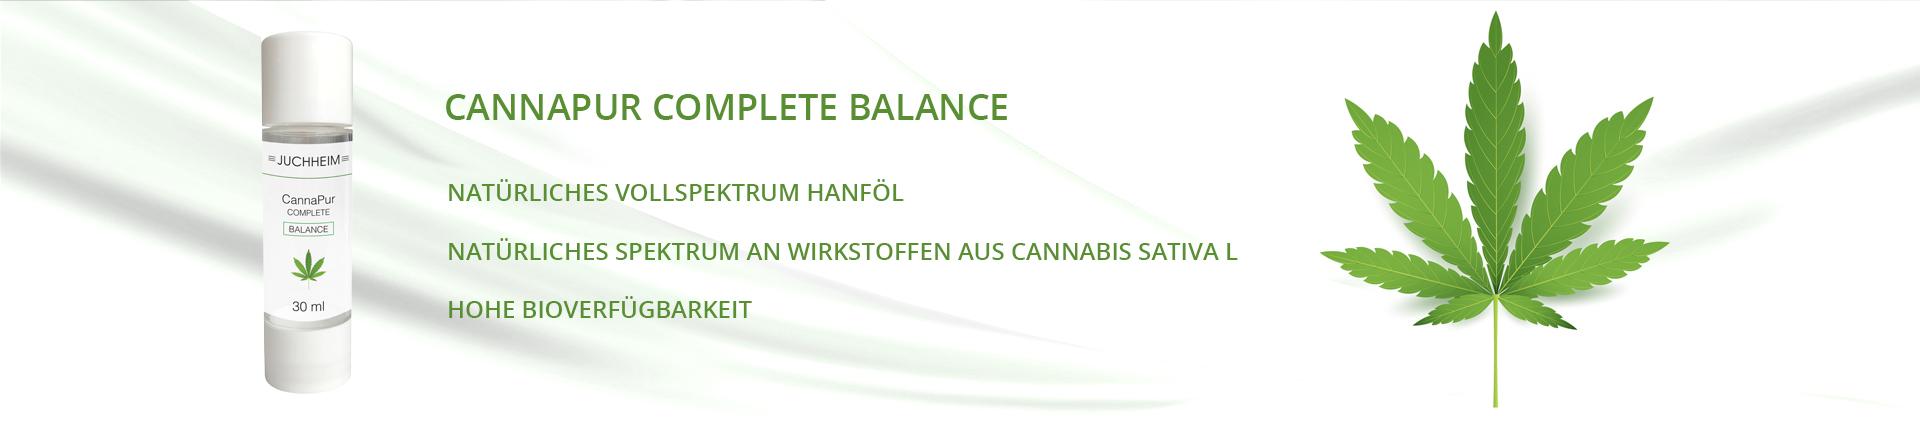 https://jfbeauty.juchheim-methode.de/uploads/slider_cannapur_de.jpg?t=1